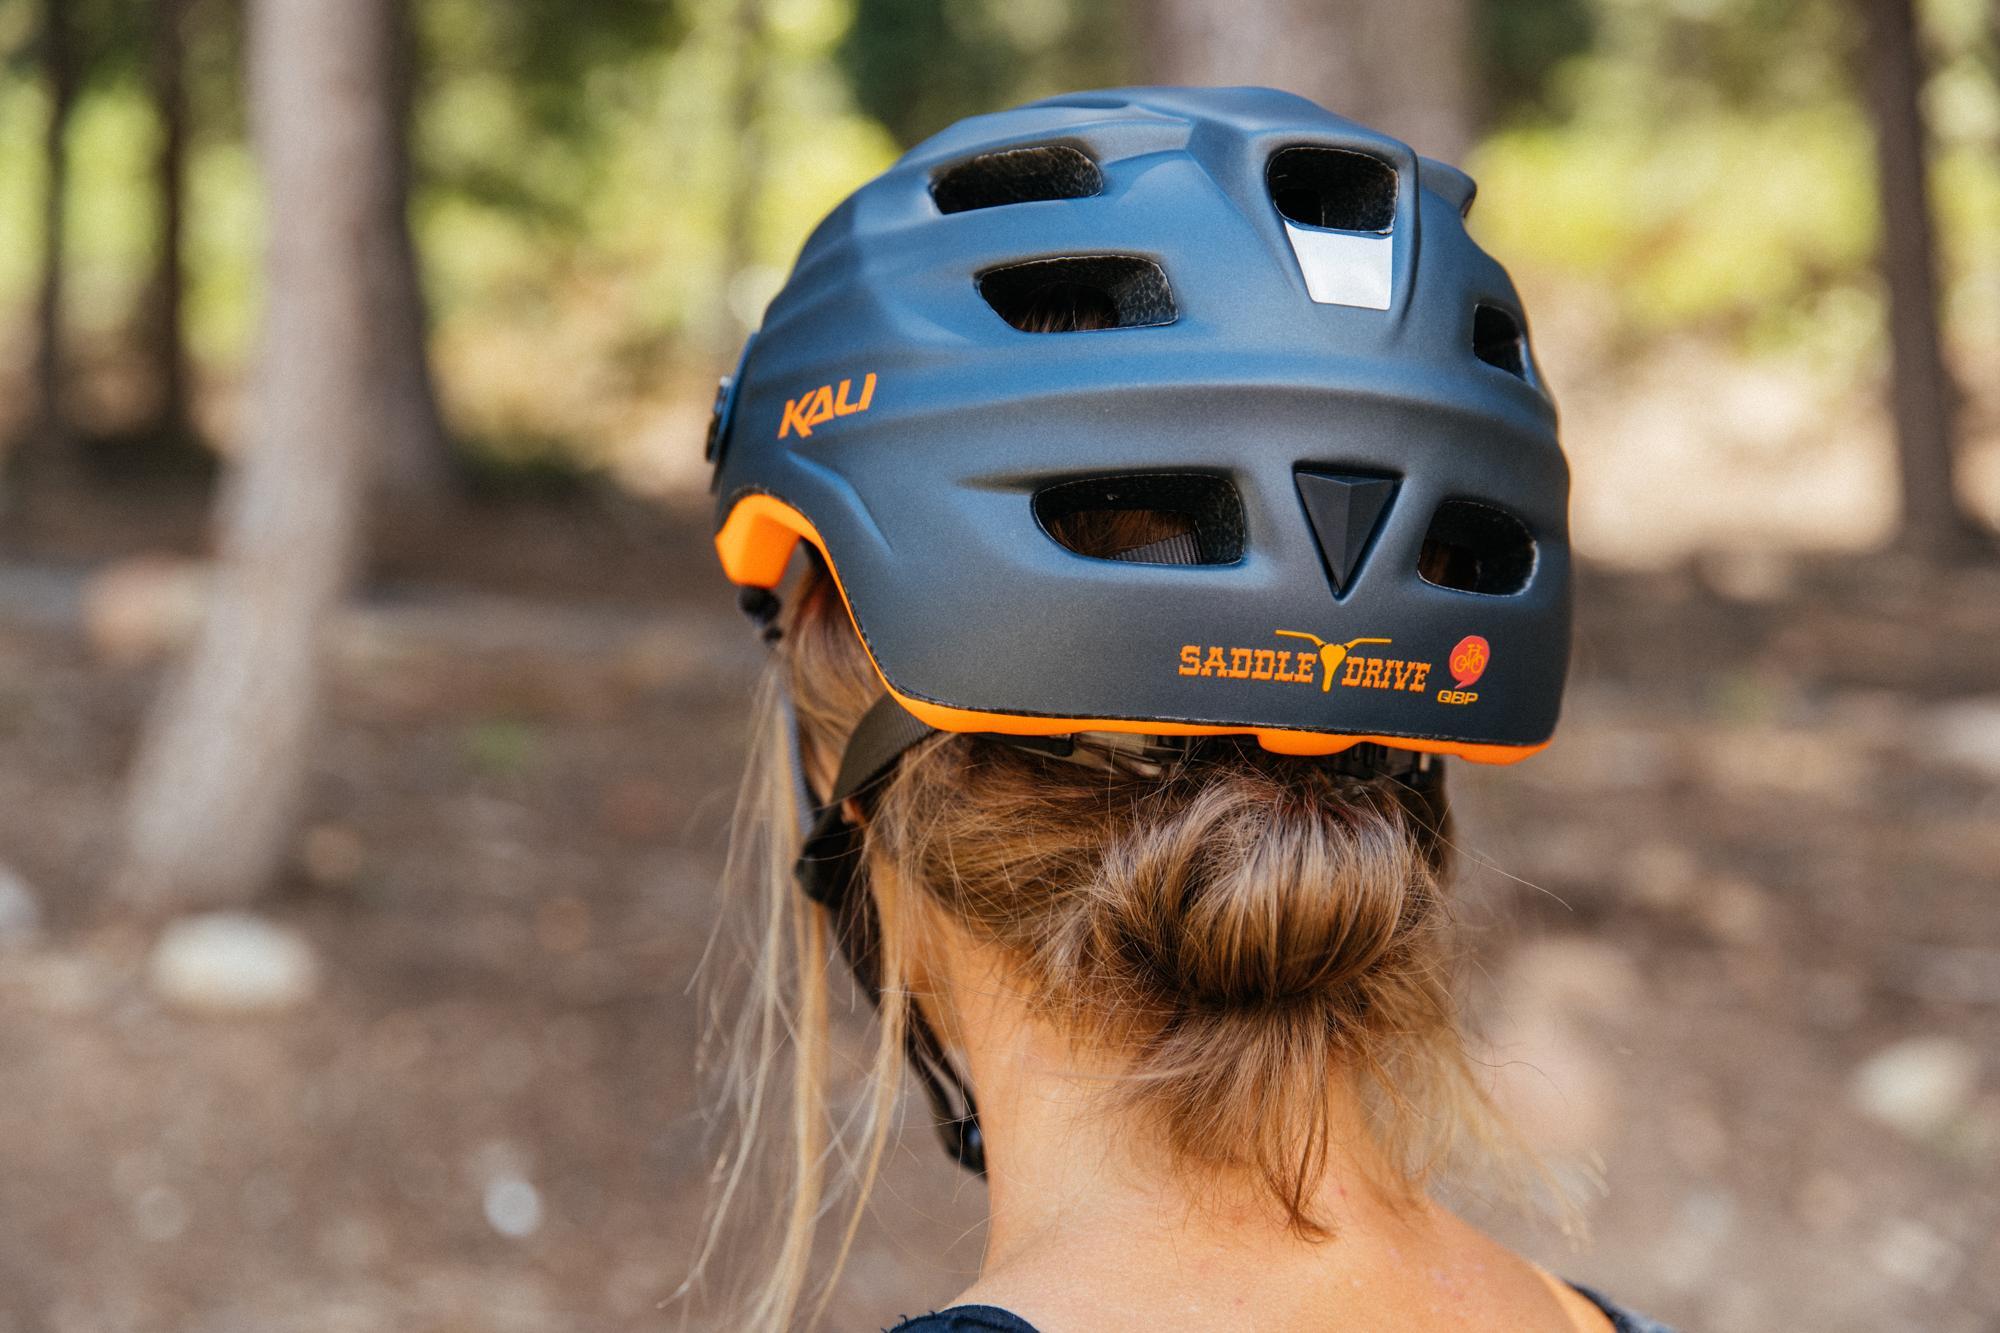 Crystal modeling the Kali Saddle Drive Helmet